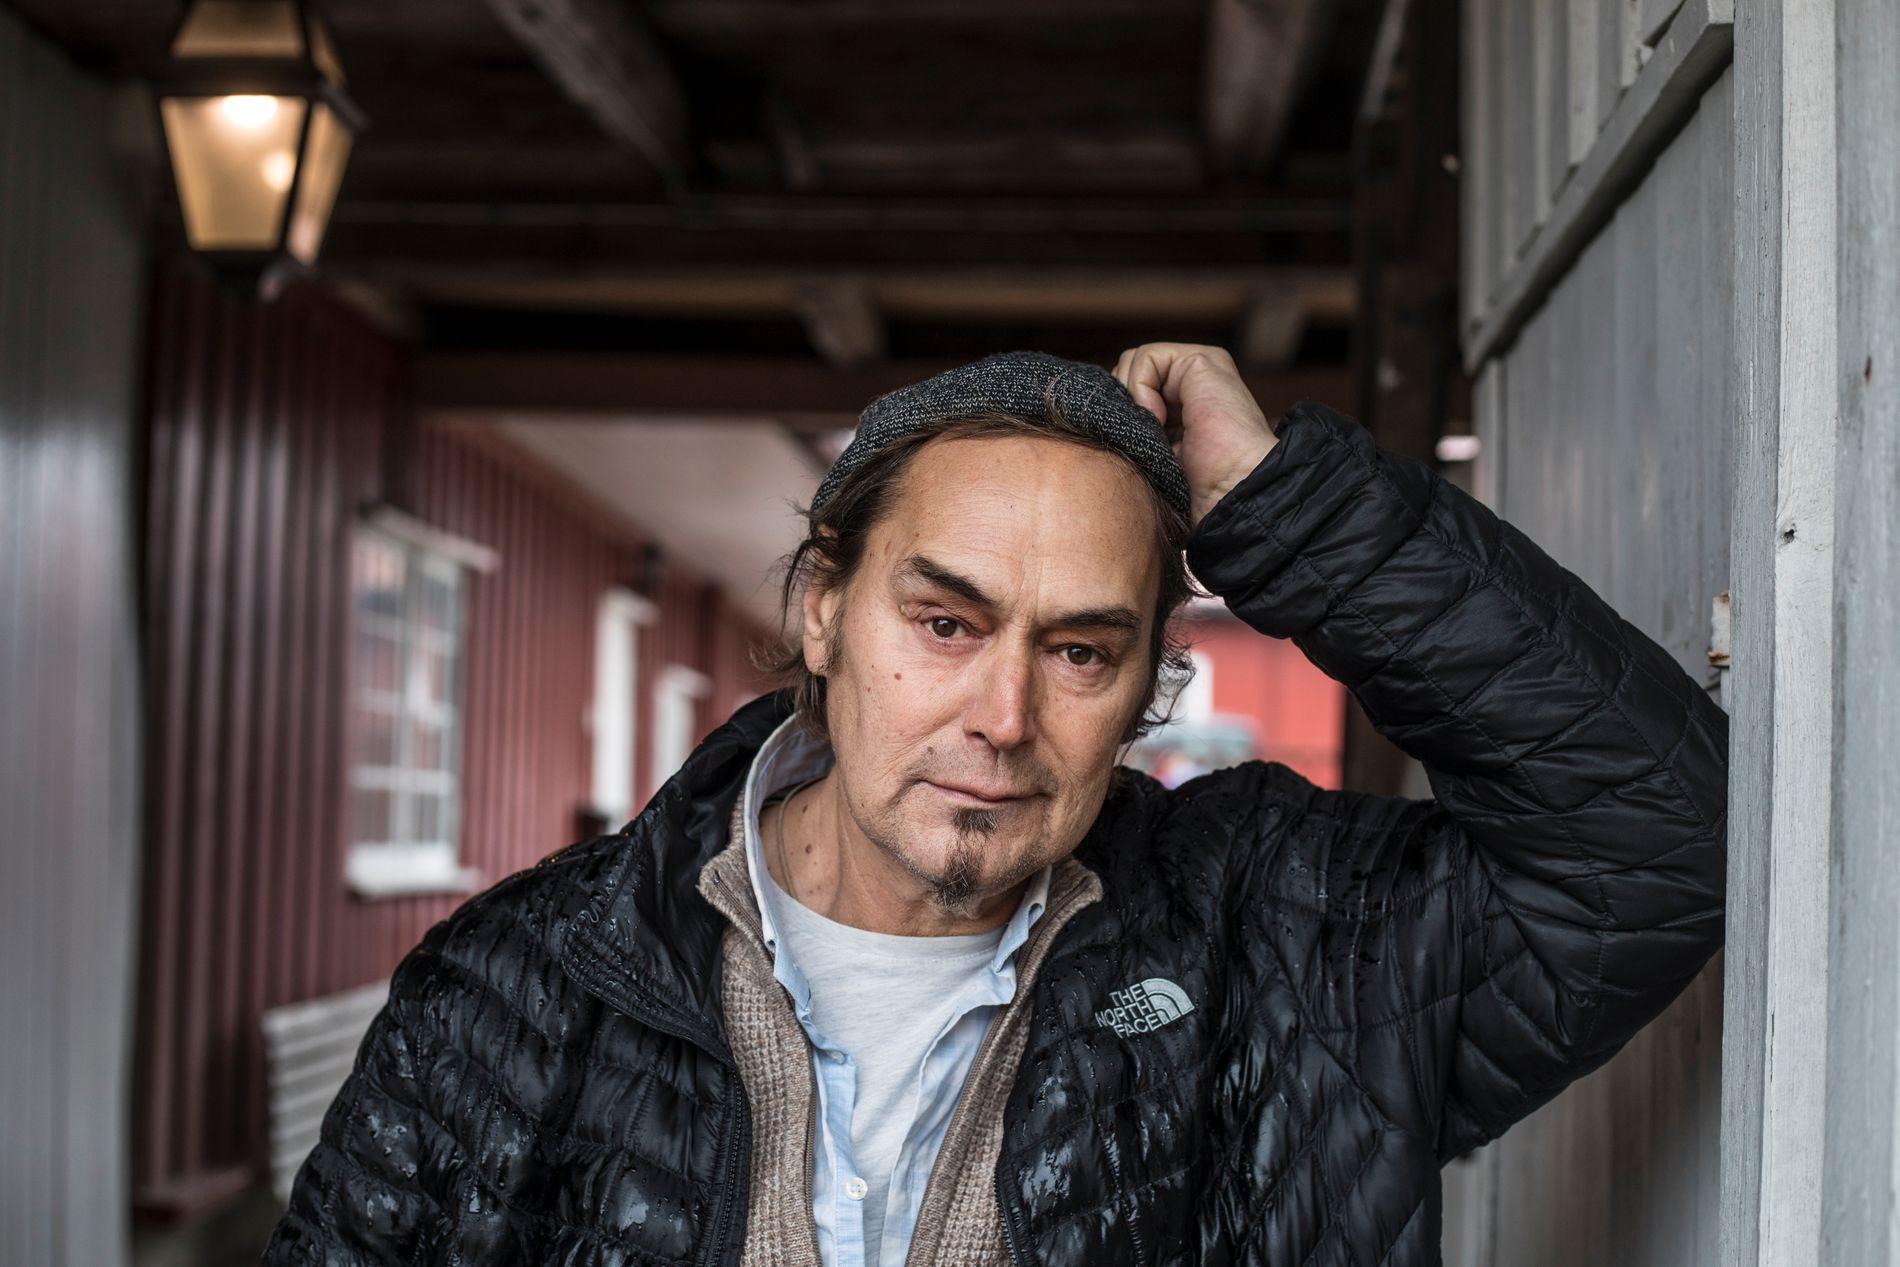 MIRAKELMANNEN: Trommeslageren Paolo Vinaccia ble diagnostisert med uhelbredelig kreft i 2009 med beskjed om at han bare hadde noen måneder igjen å leve.